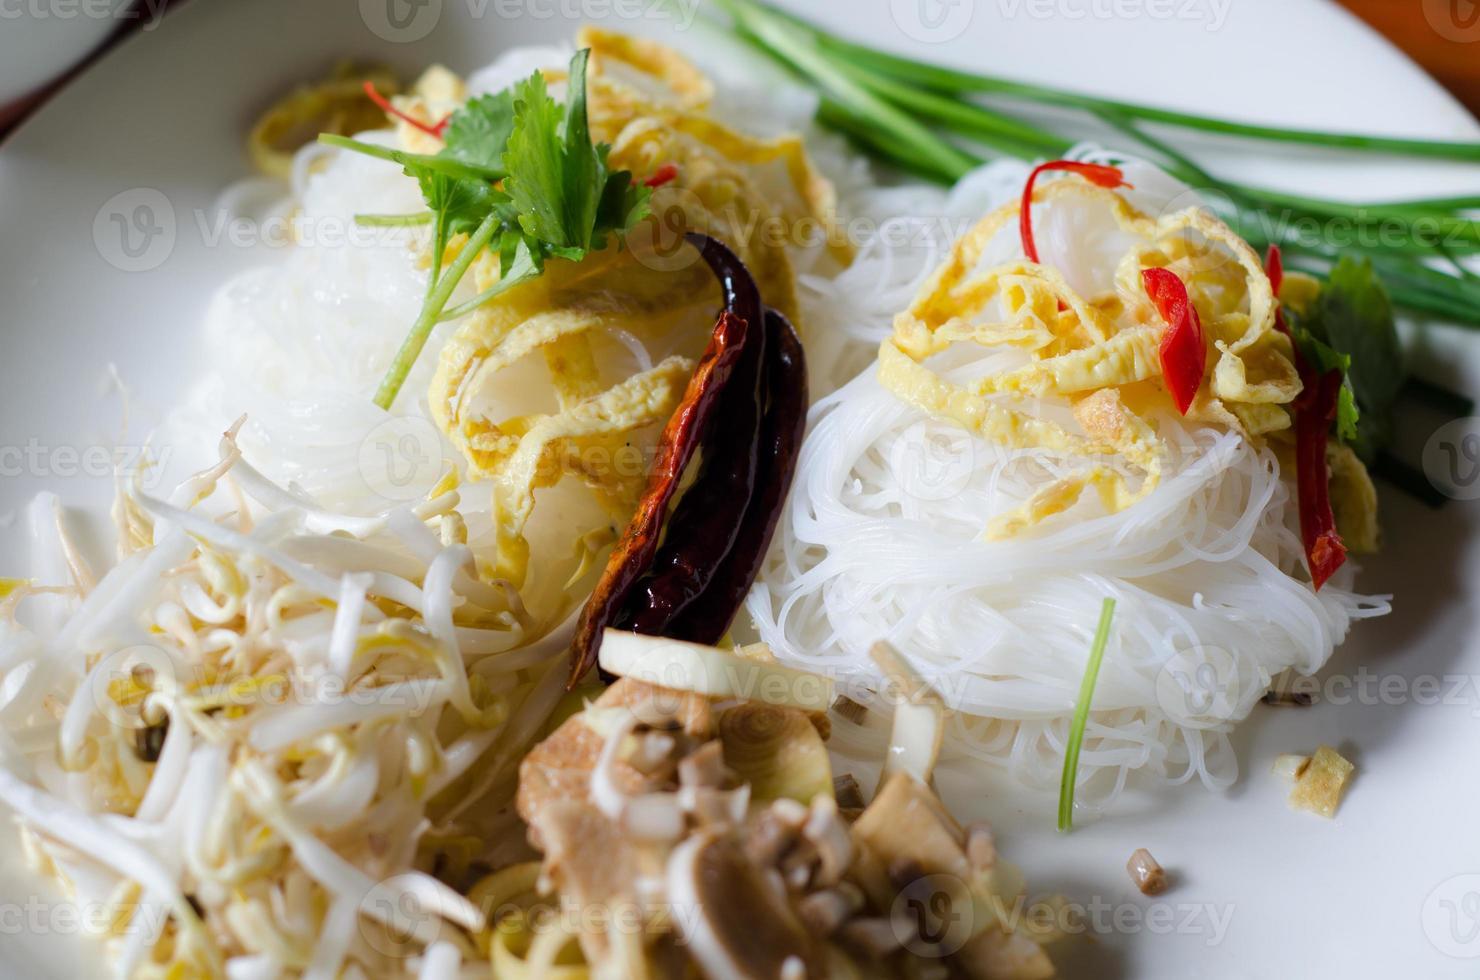 risnudla i kokosmjölksås (mee kati) foto